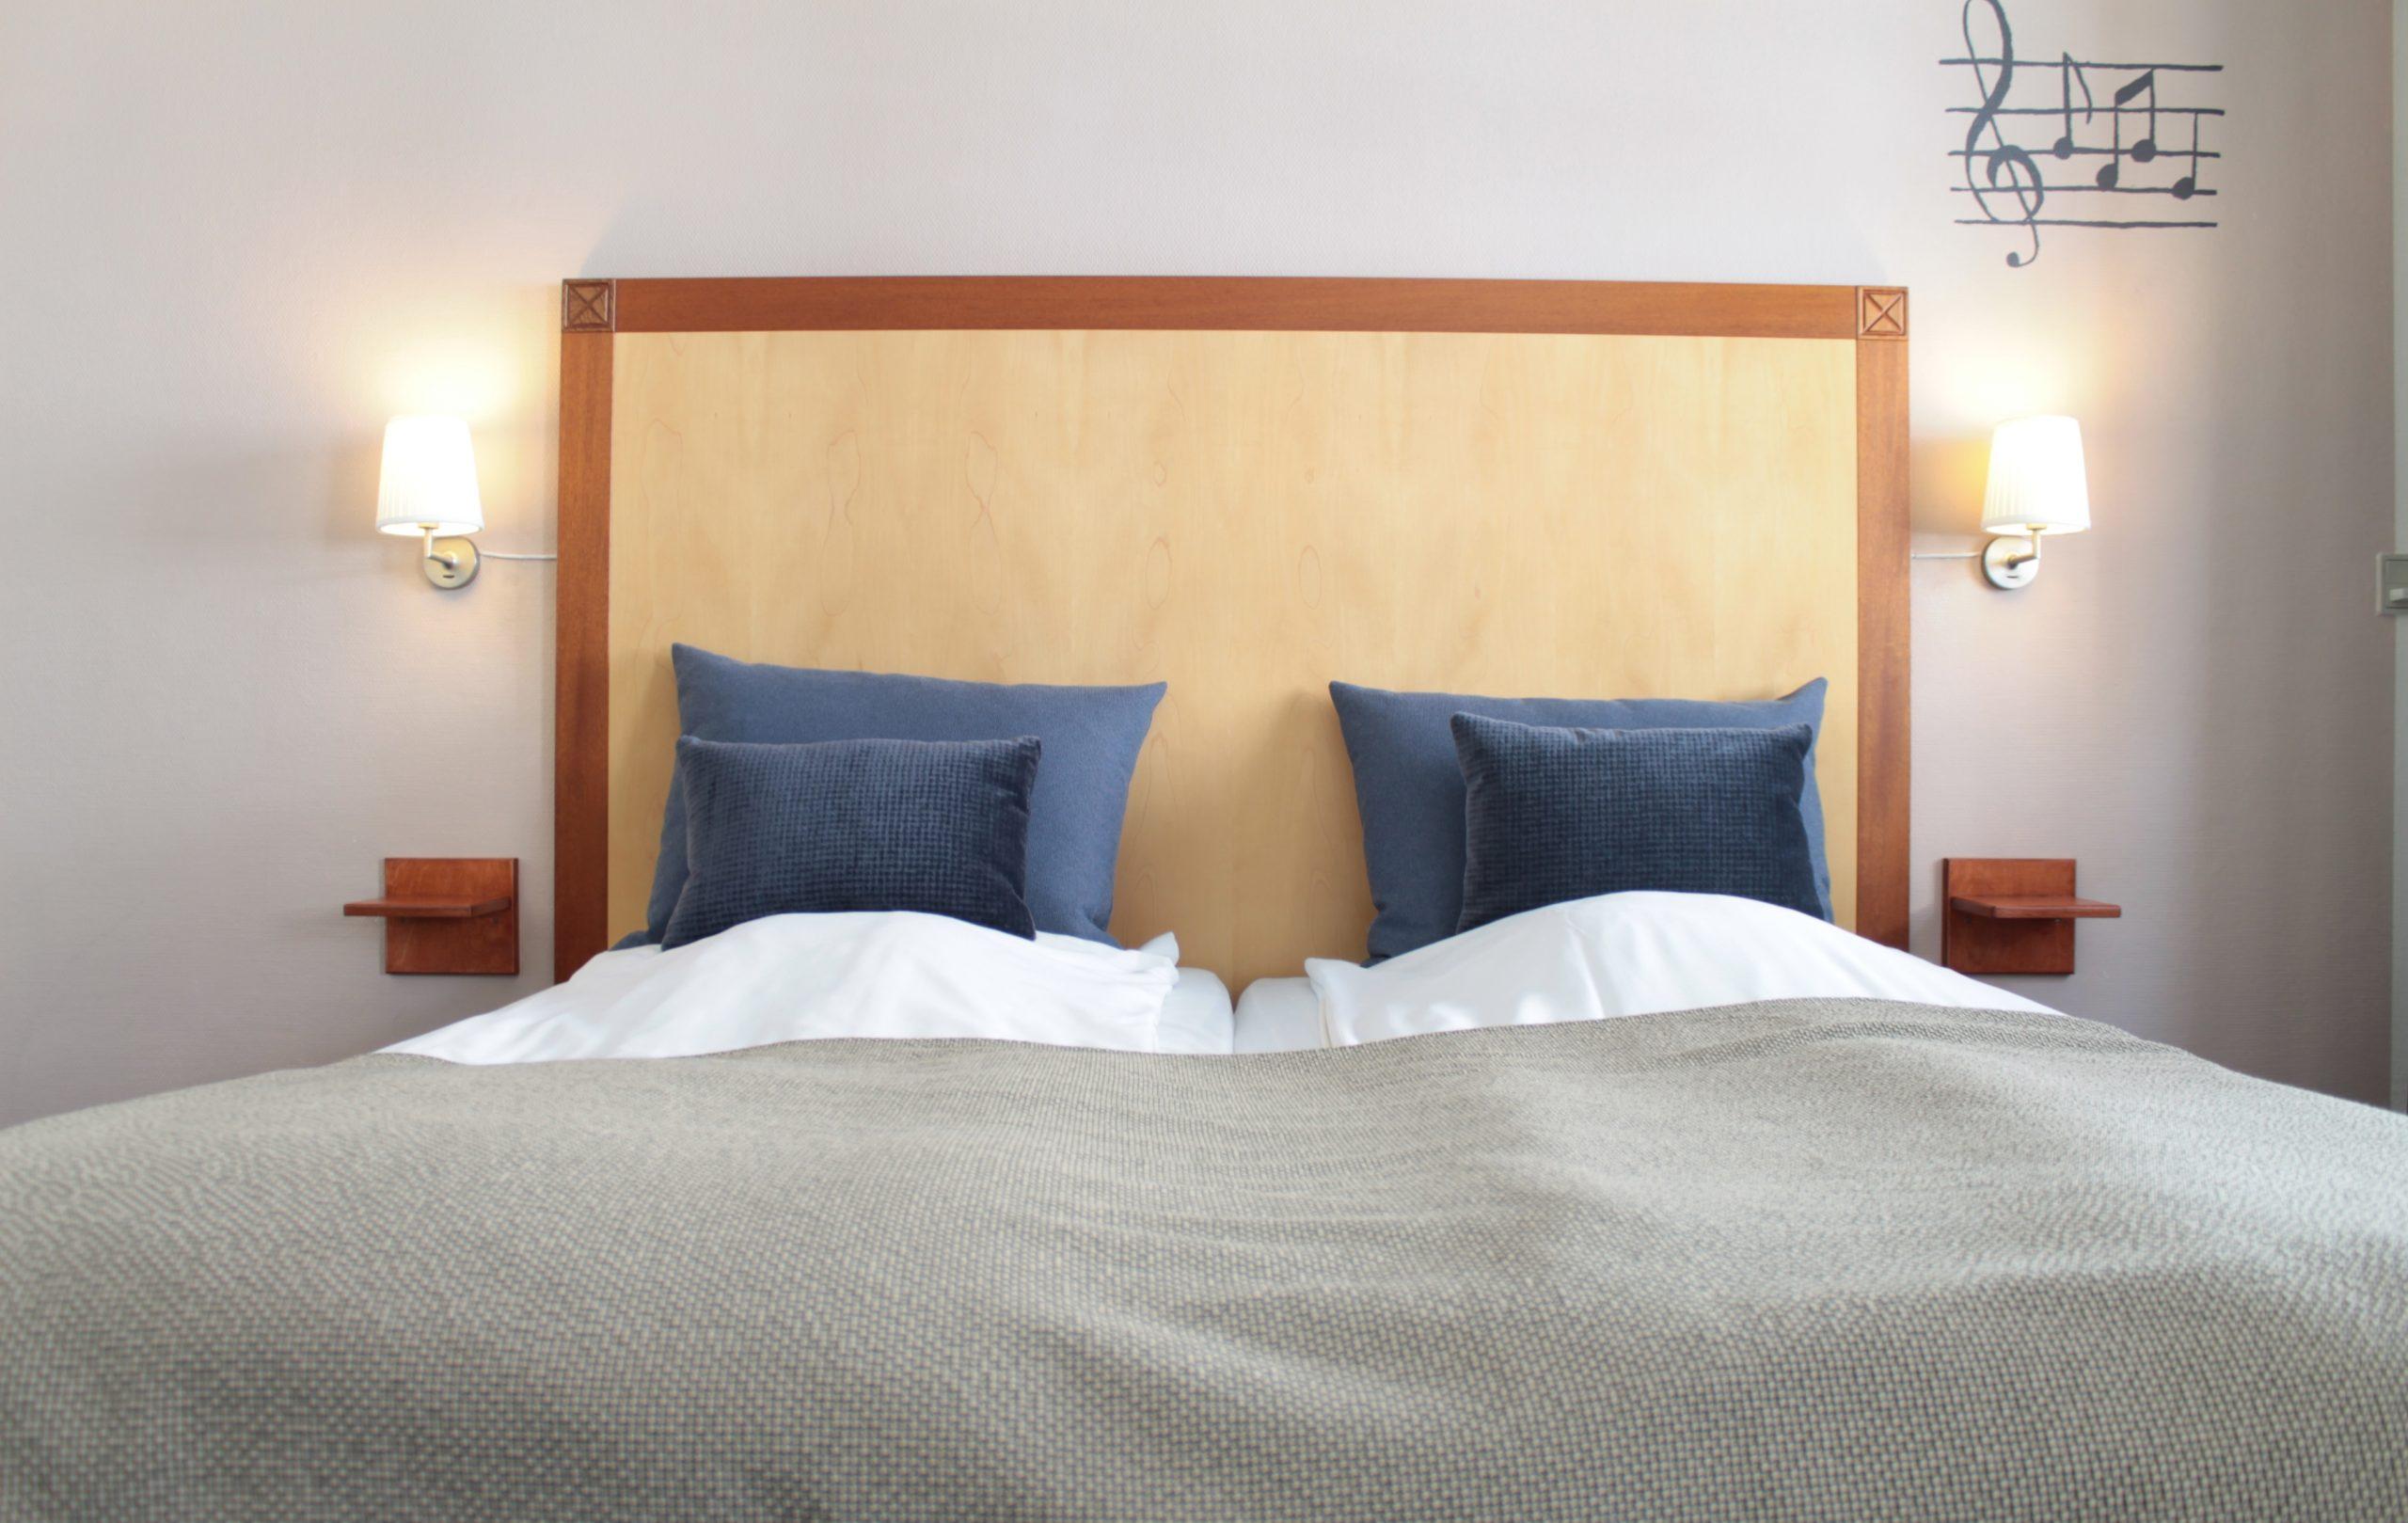 Kom på lækker getaway: Kendt hotel midt i København med vildt åbningstilbud